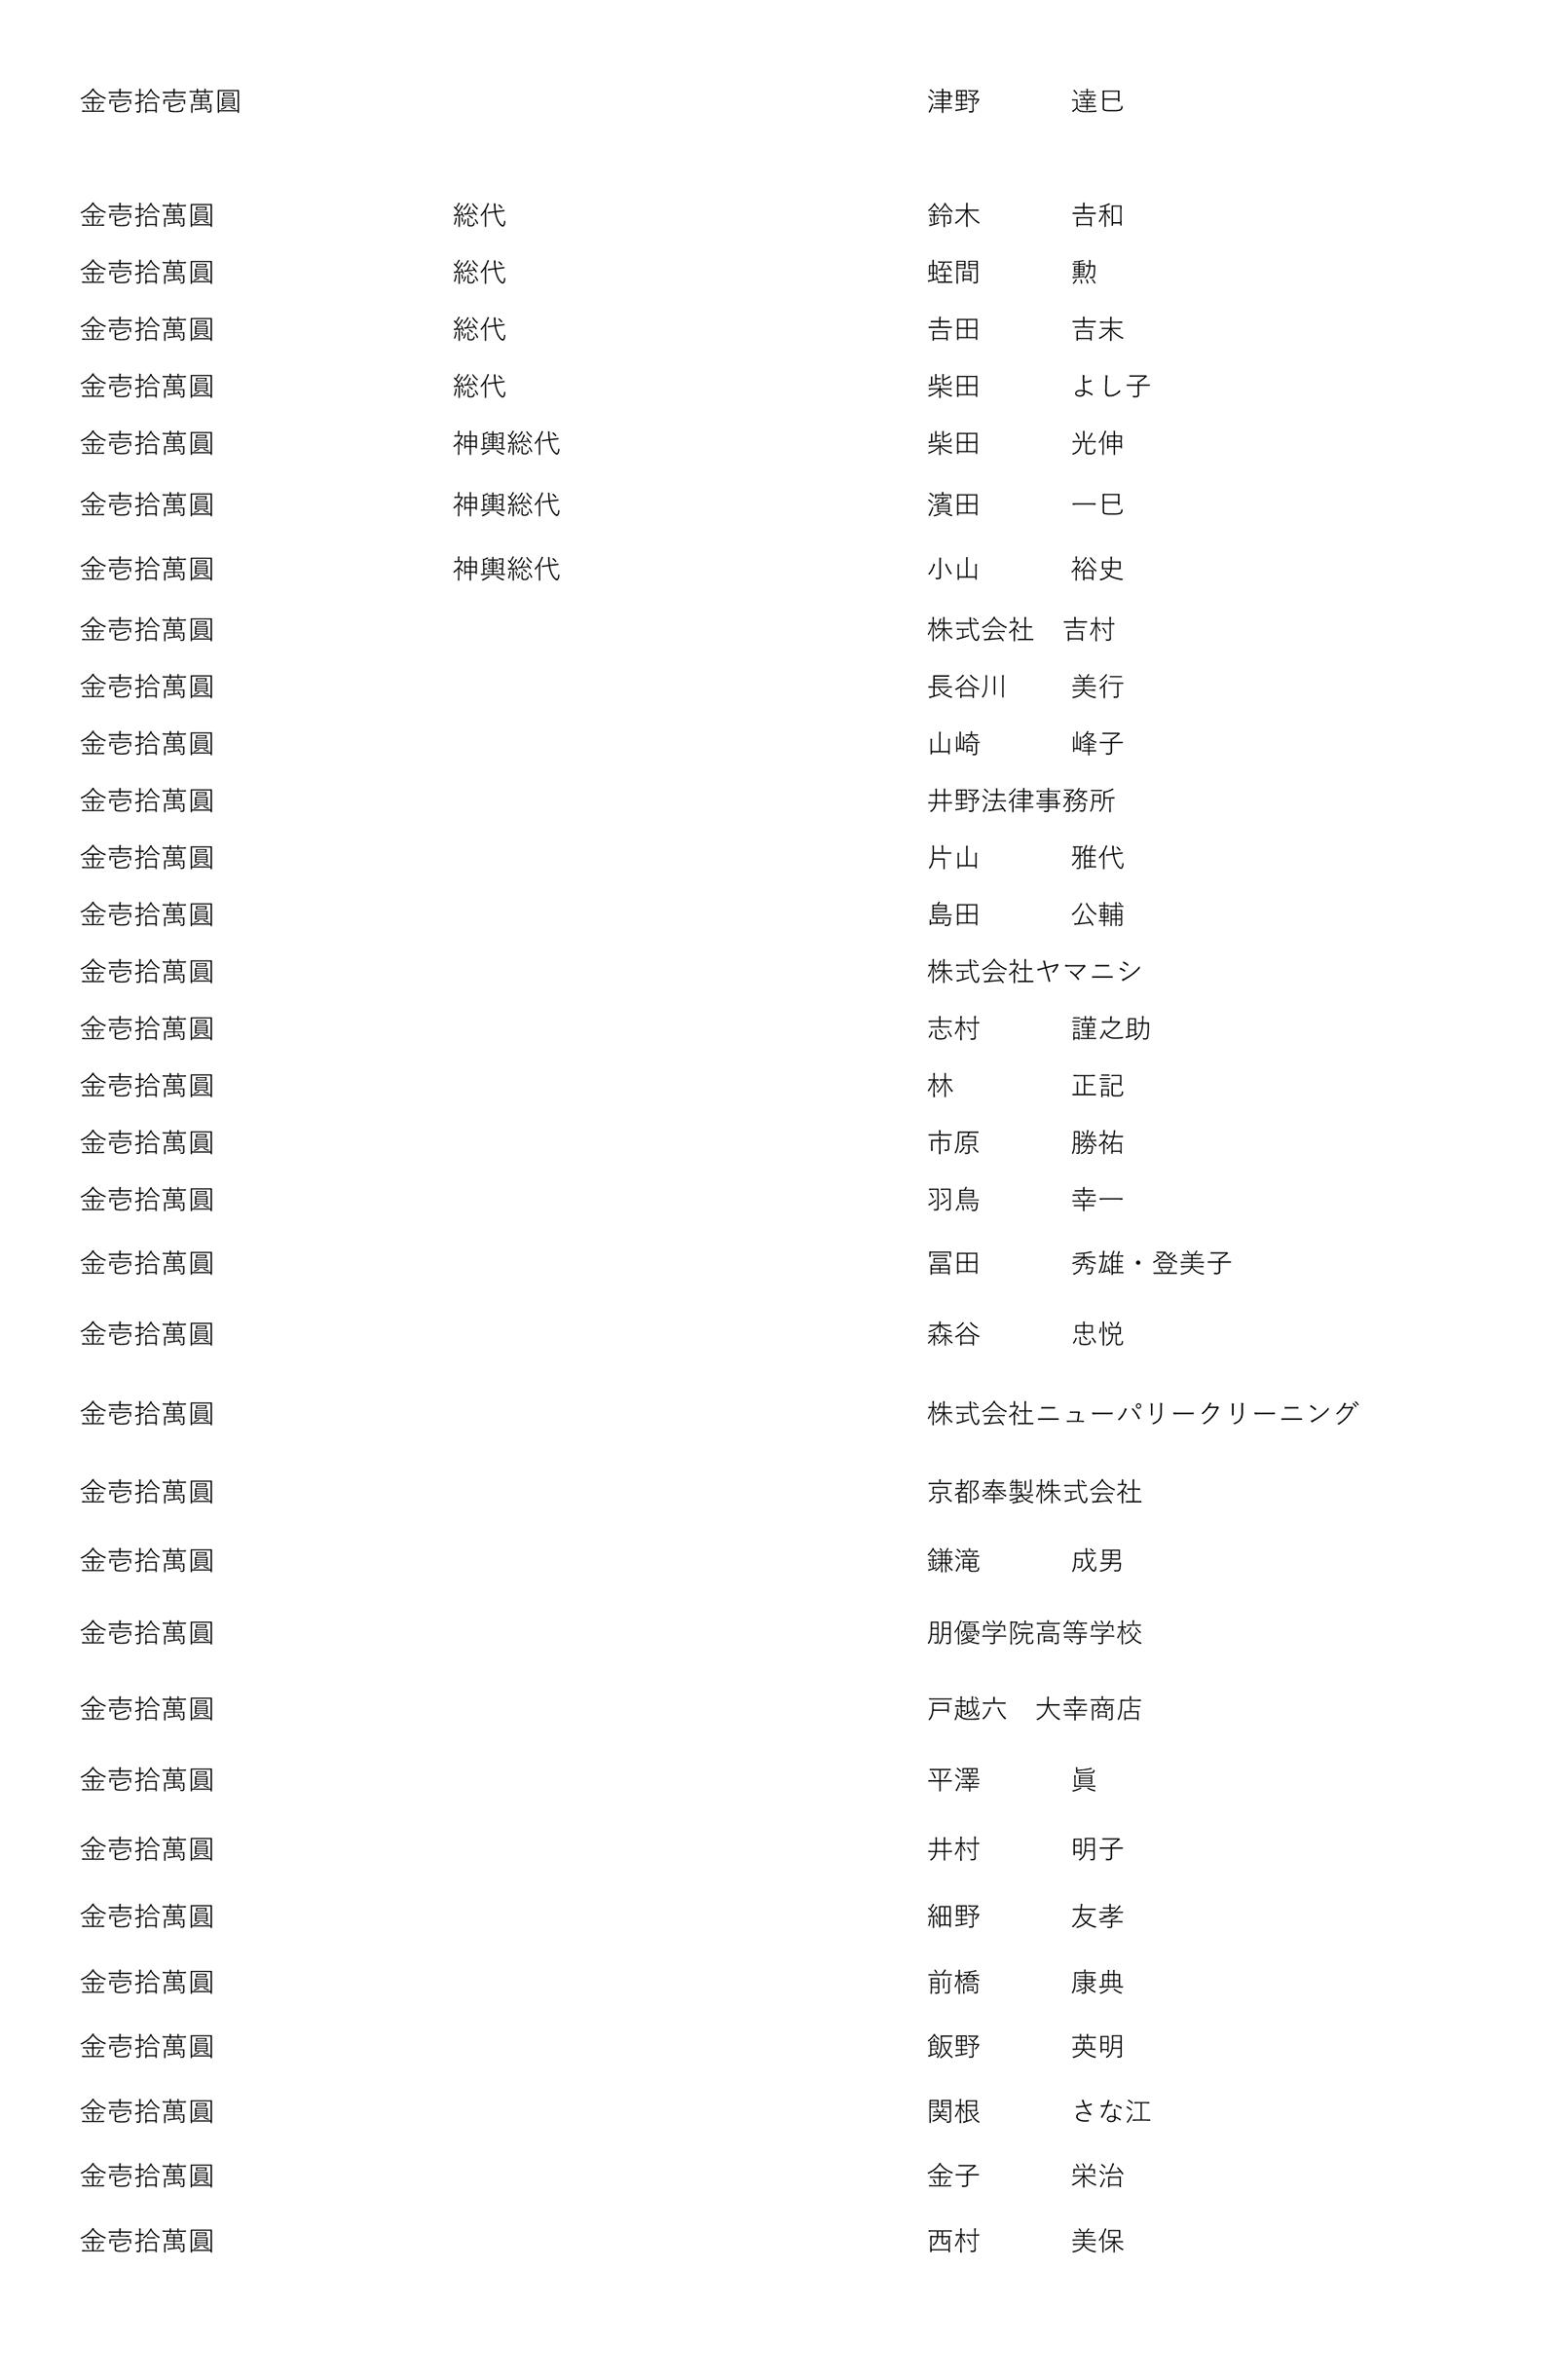 御鎮座七百年記念事業奉賛者御芳名簿3